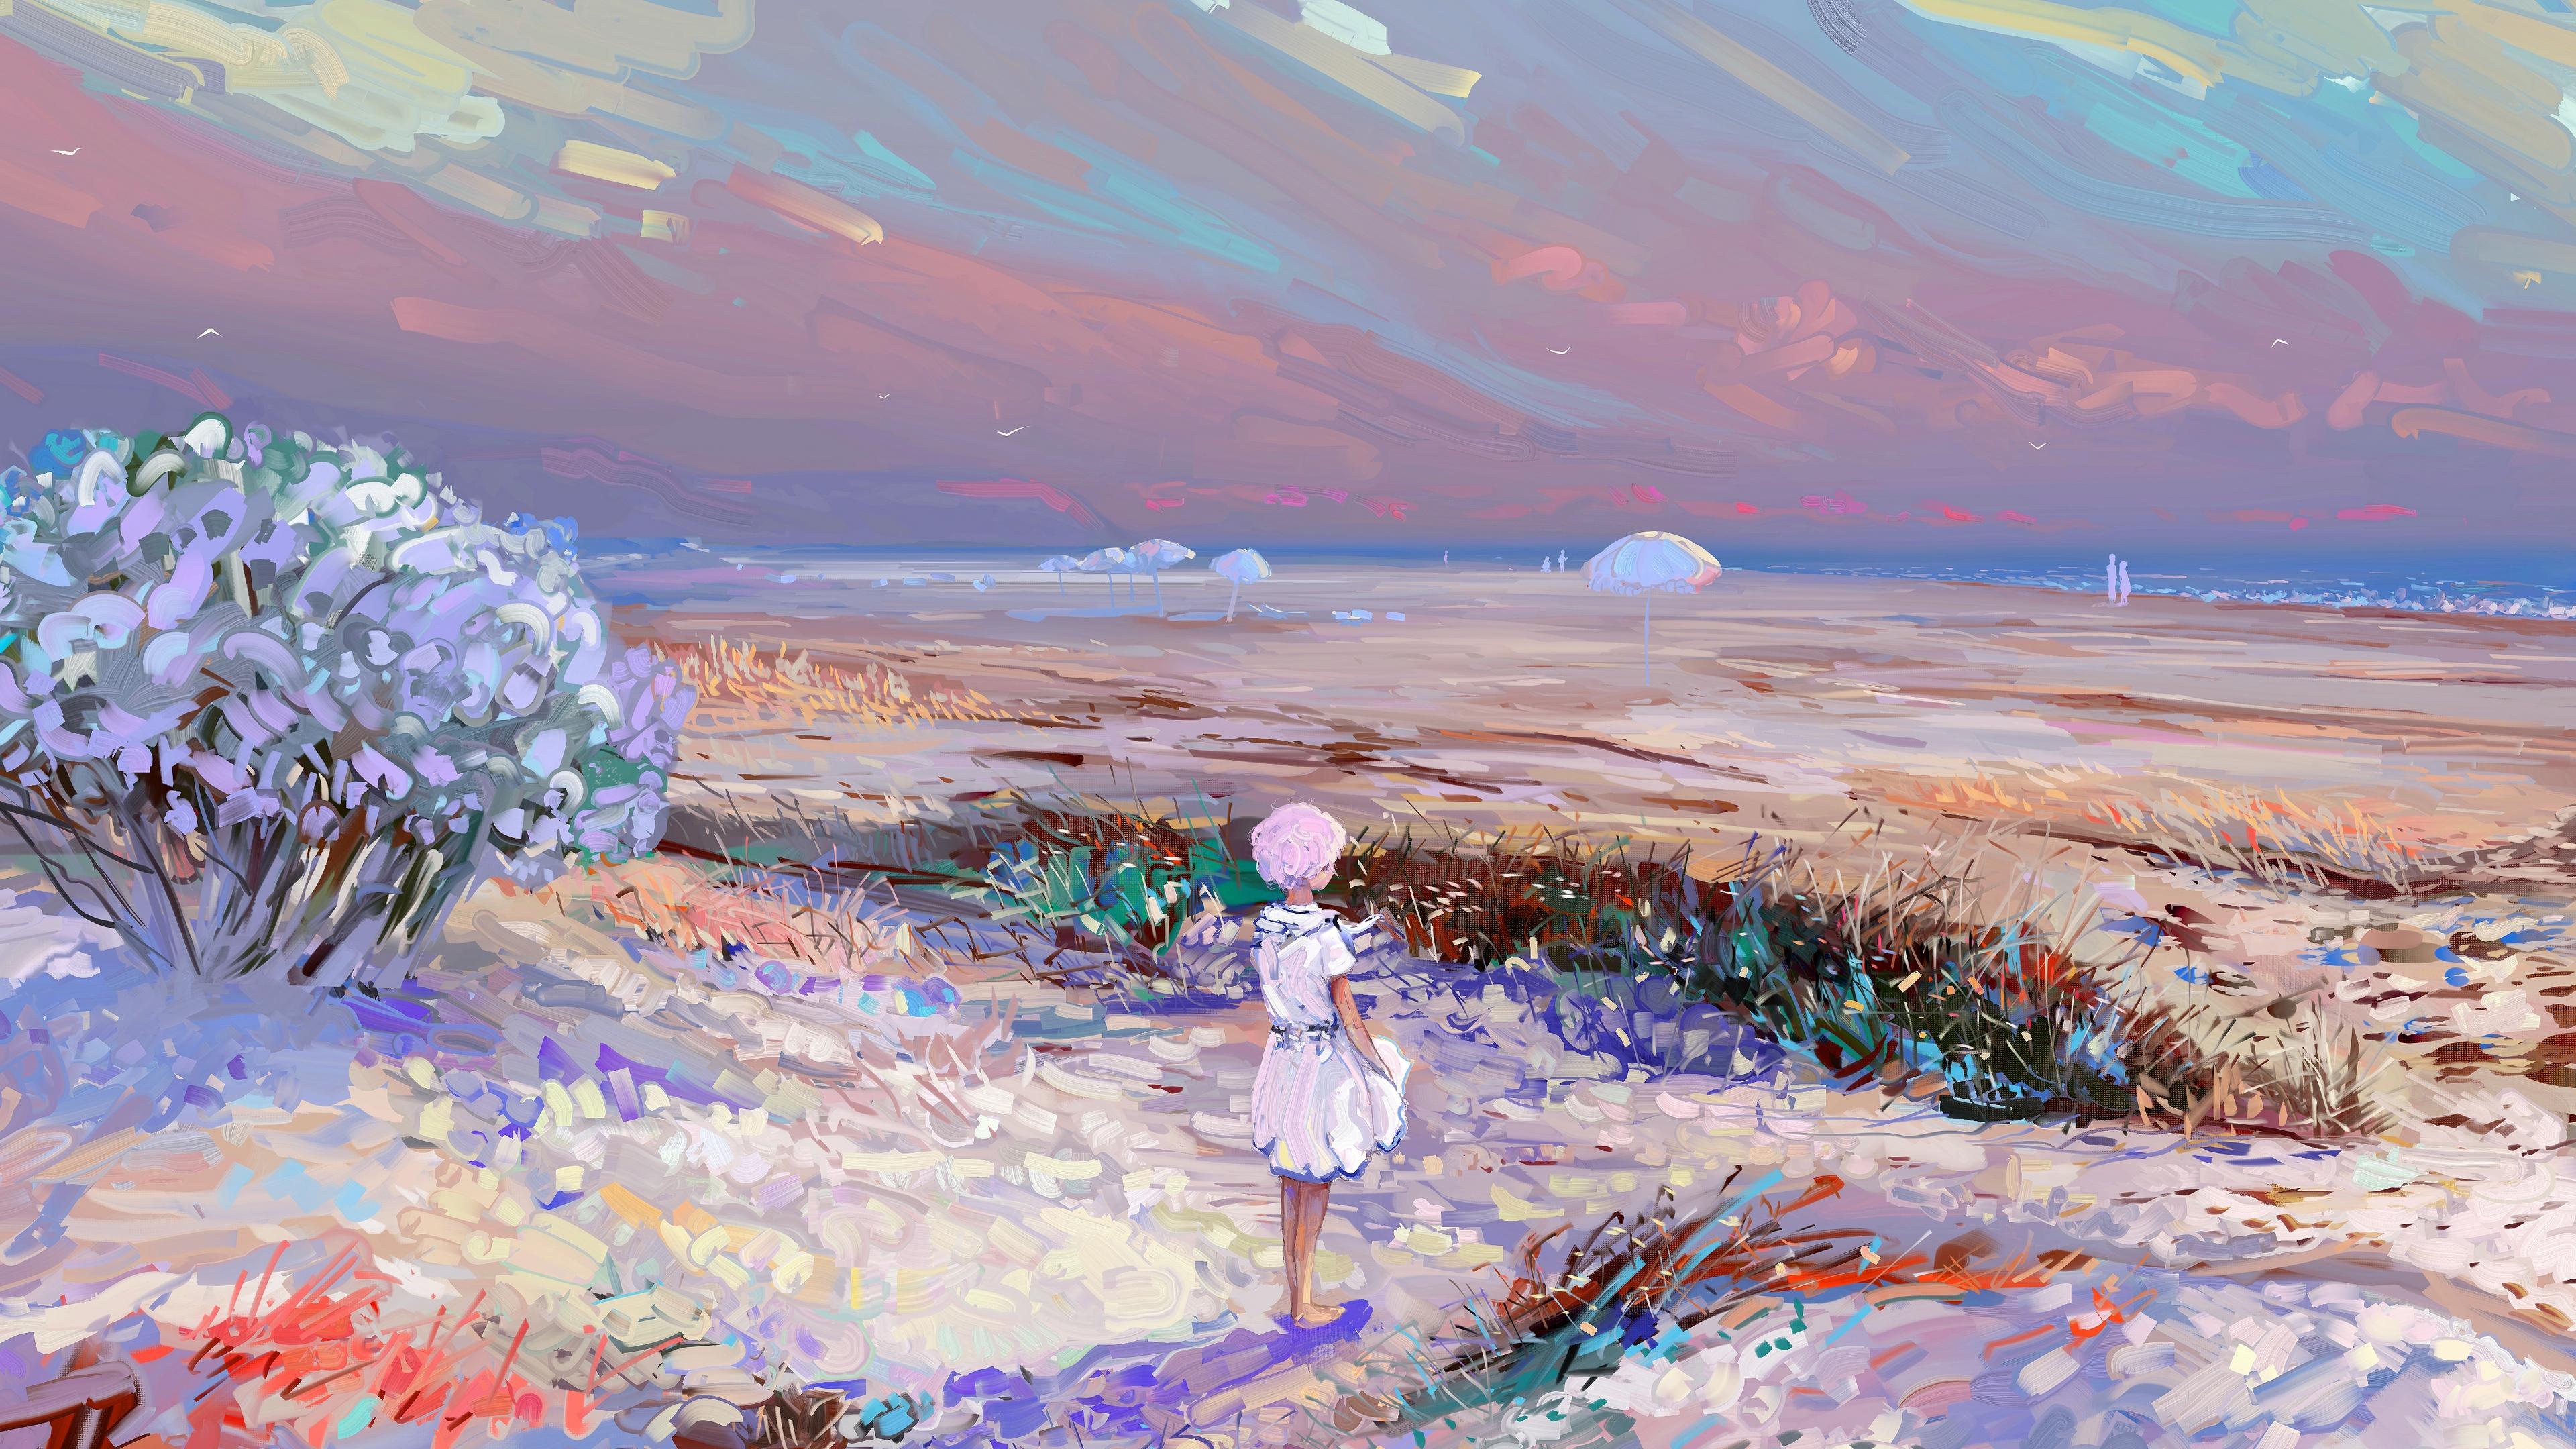 girl loneliness art field 4k 1541971491 - girl, loneliness, art, field 4k - loneliness, Girl, art